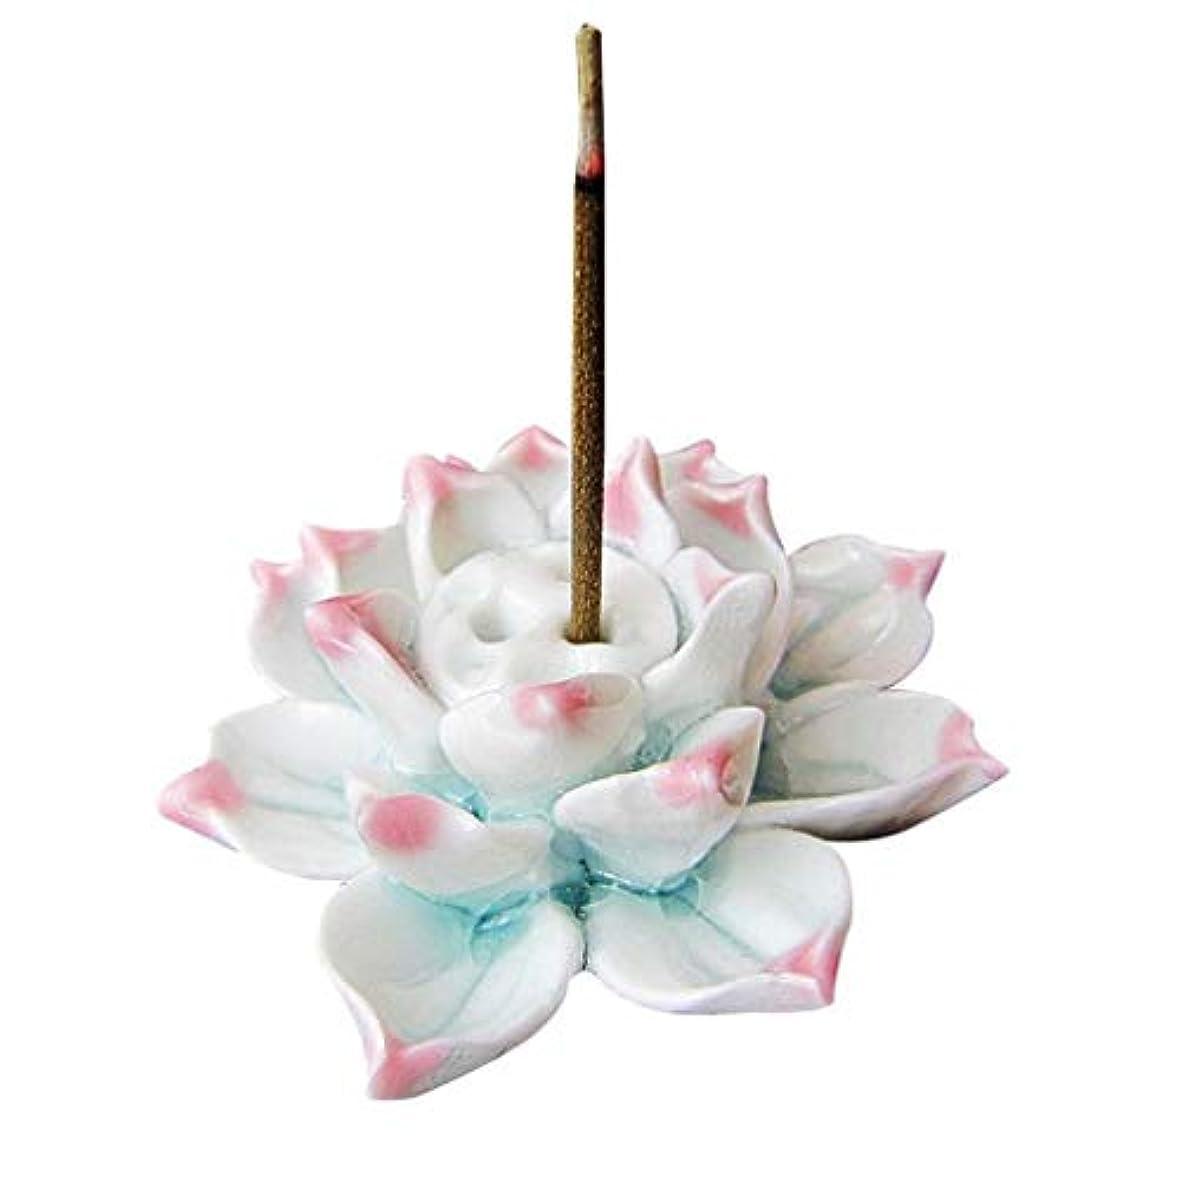 傷跡構成員追放する手作りお香バーナーロータス磁器お香スティックホルダー灰キャッチャートレイプレートホーム仏教寺院の装飾香ホルダー (Color : Pink, サイズ : 2.36*1.37inches)